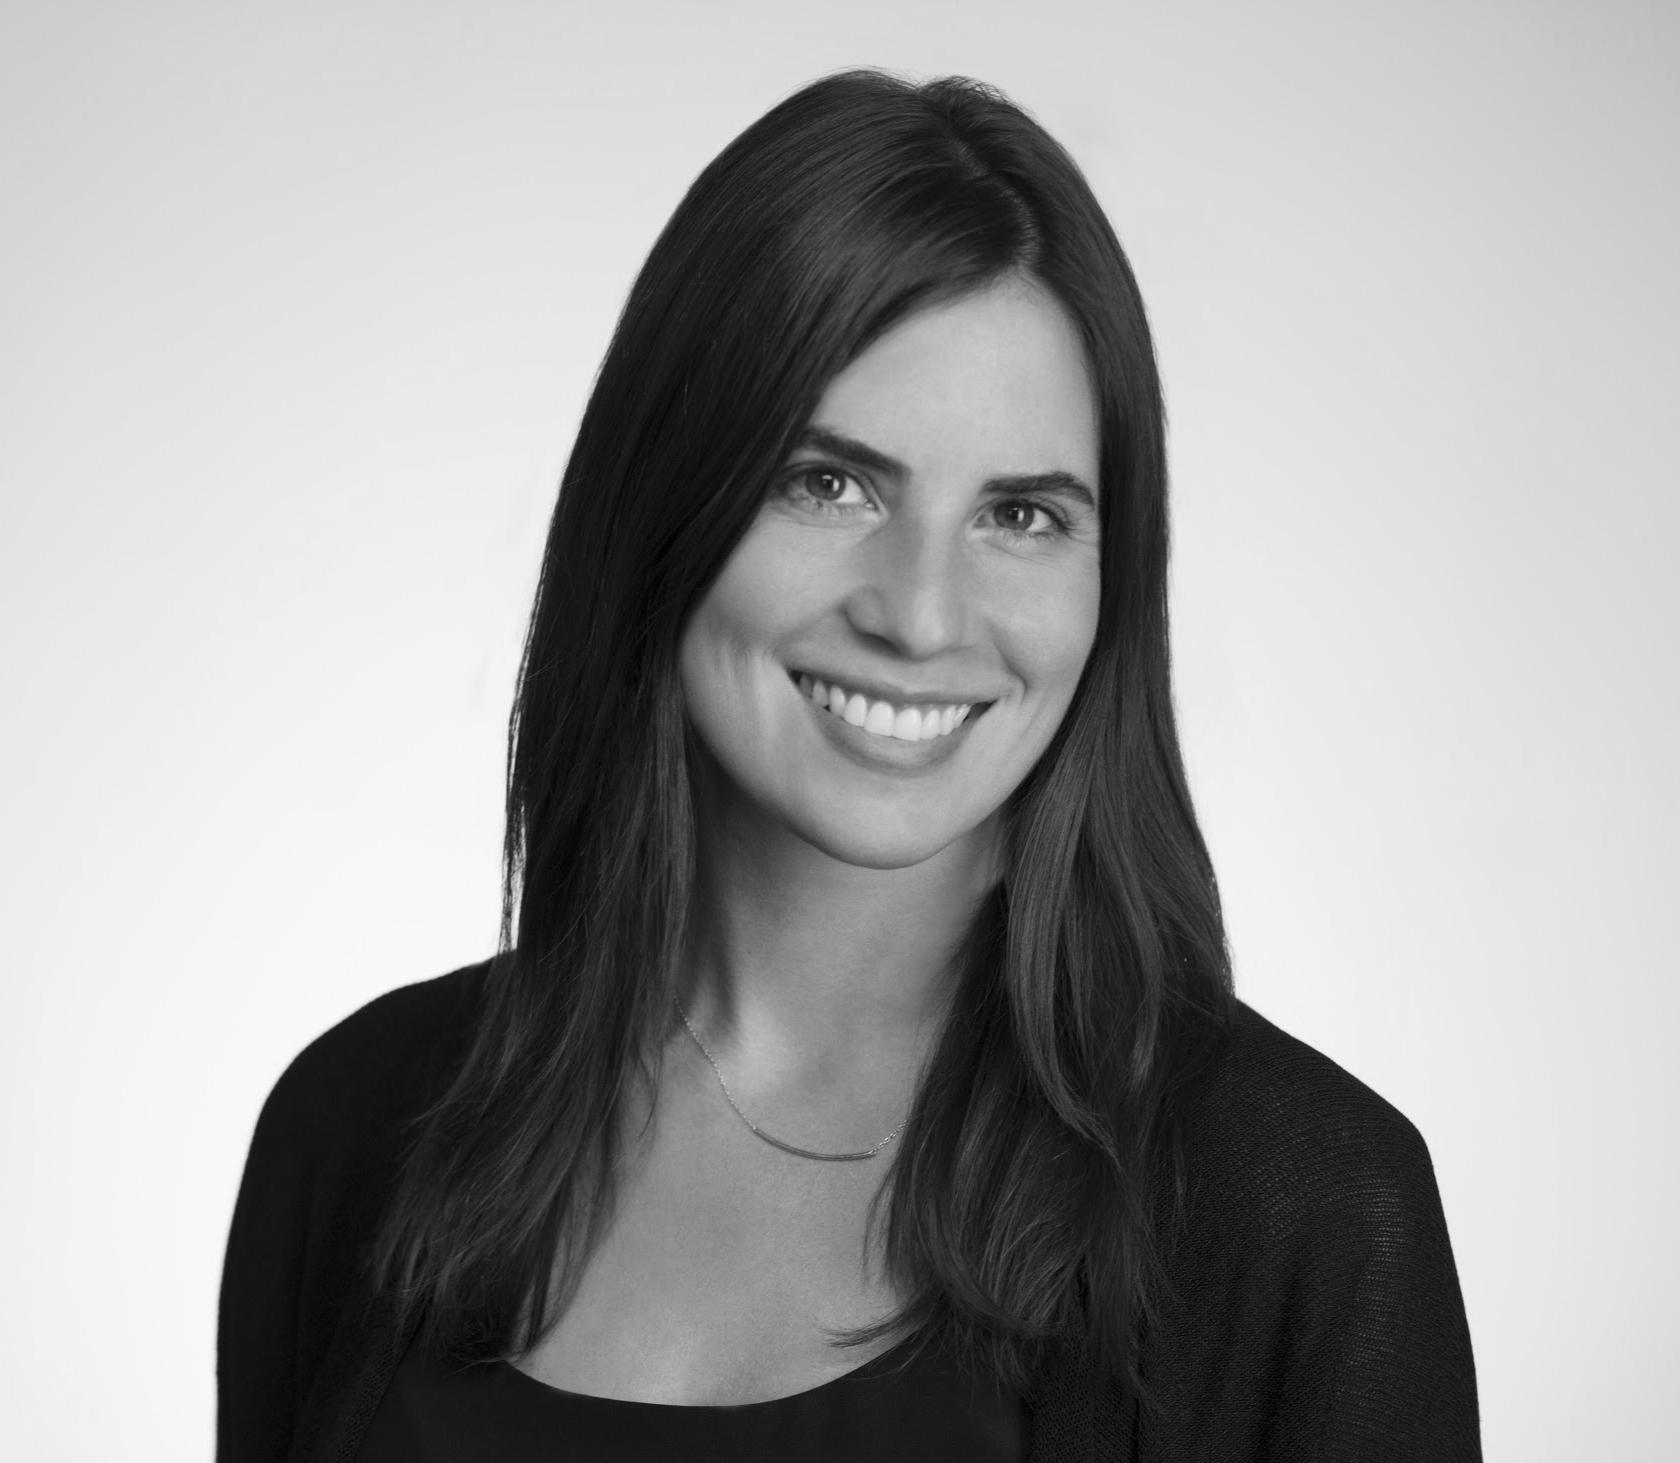 Kathryn Van Nuys - Amazon Web Services, New York